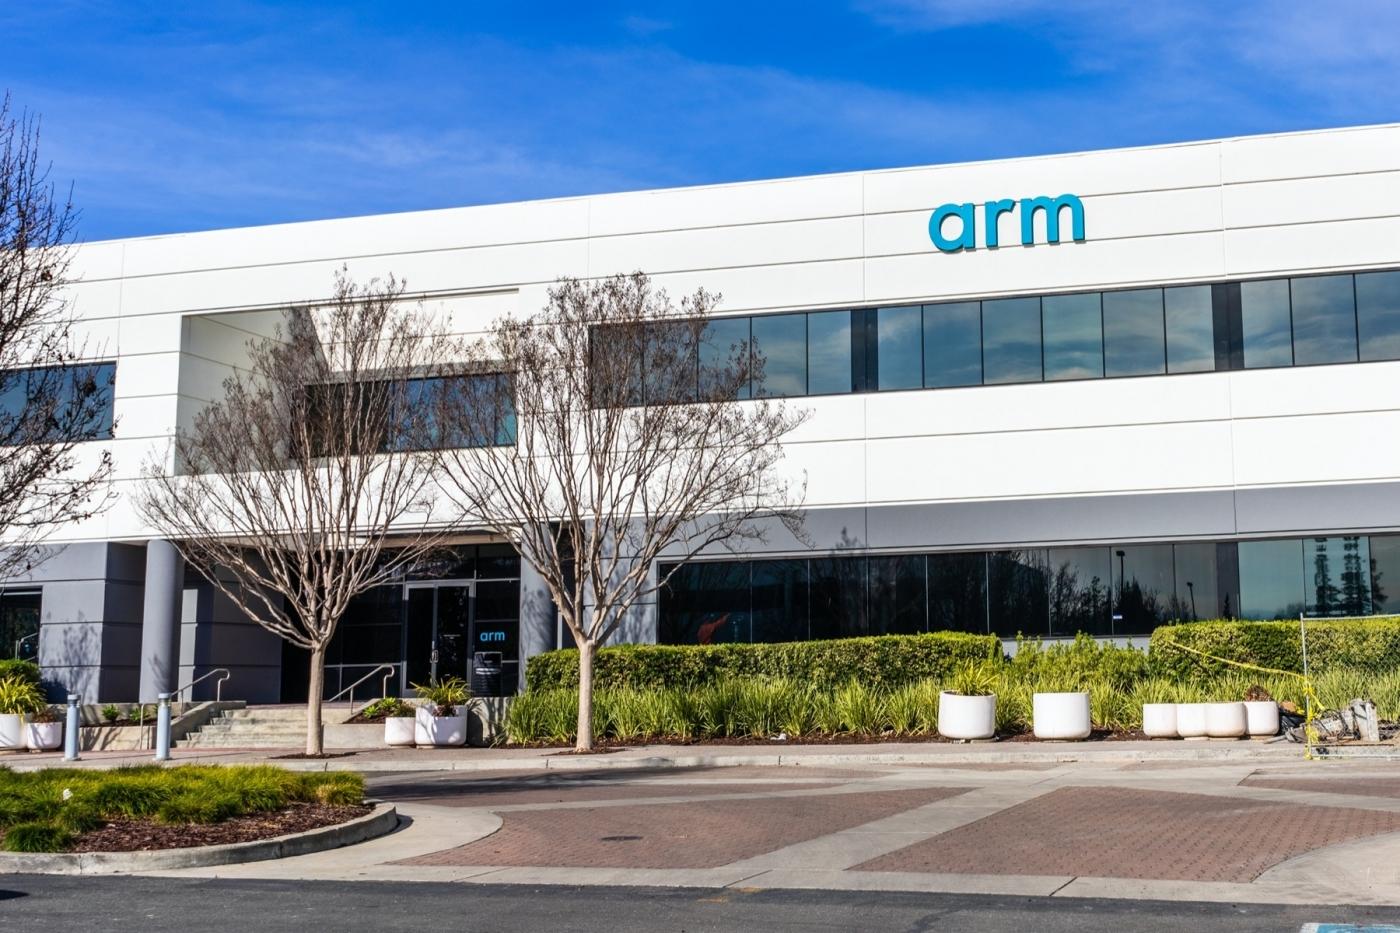 從火雞棚出生的ARM,憑什麼讓賈伯斯和其他大廠都買單,還成半導體史上最大收購?